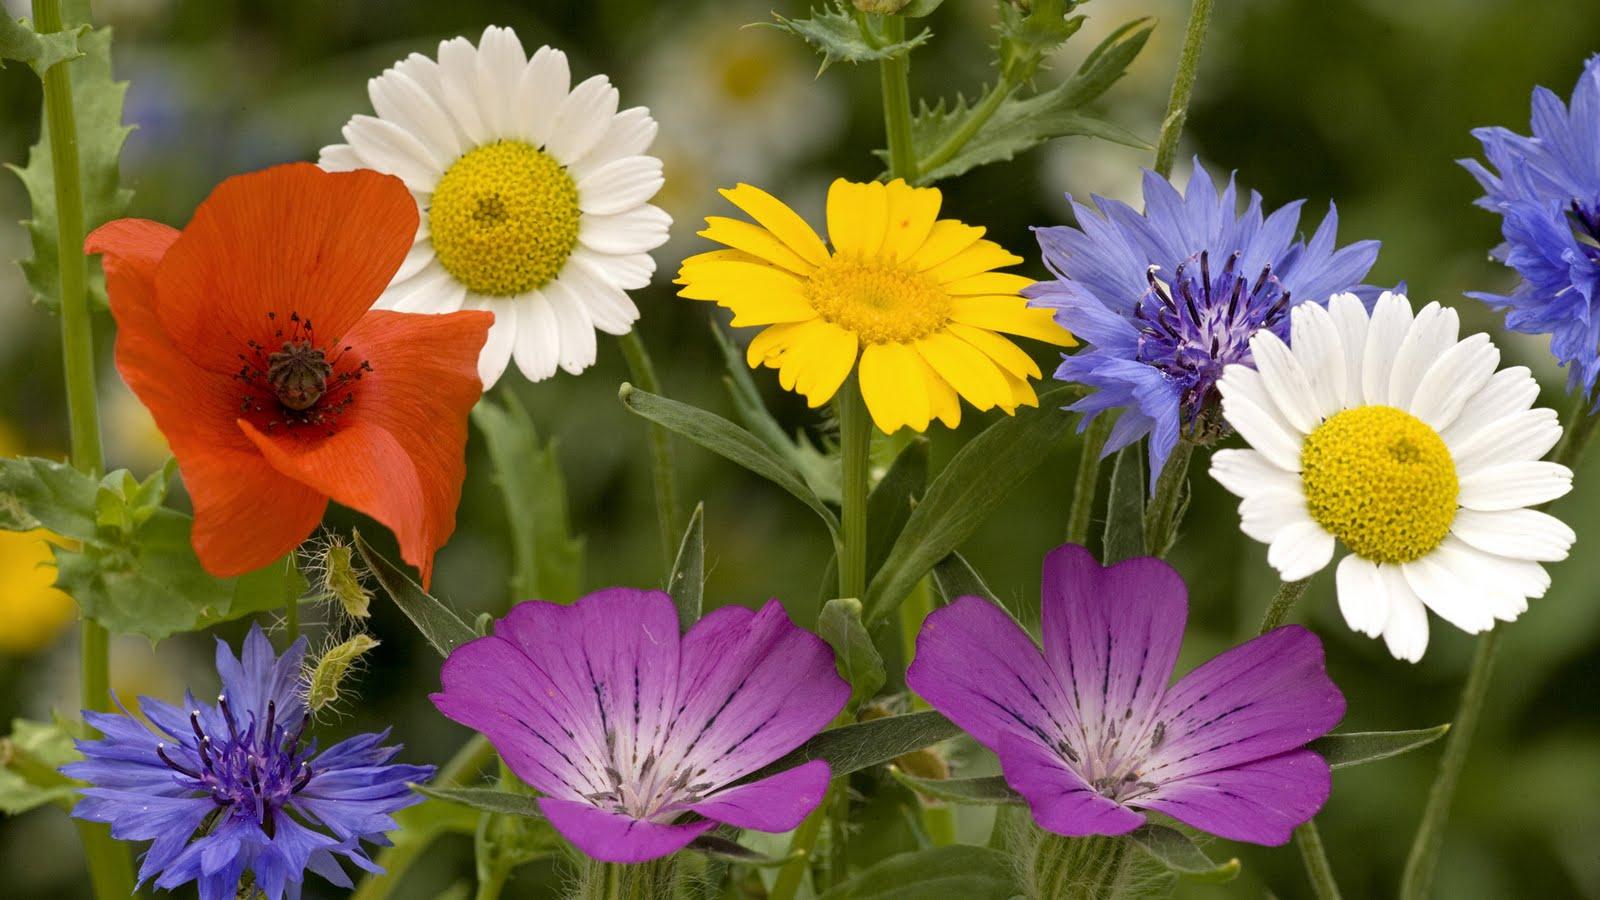 http://2.bp.blogspot.com/-NT4I7tz6woM/Tdlkl_THDJI/AAAAAAAAQKI/xP_QhI_HbUw/s1600/flowers-wallpaper-150.jpg